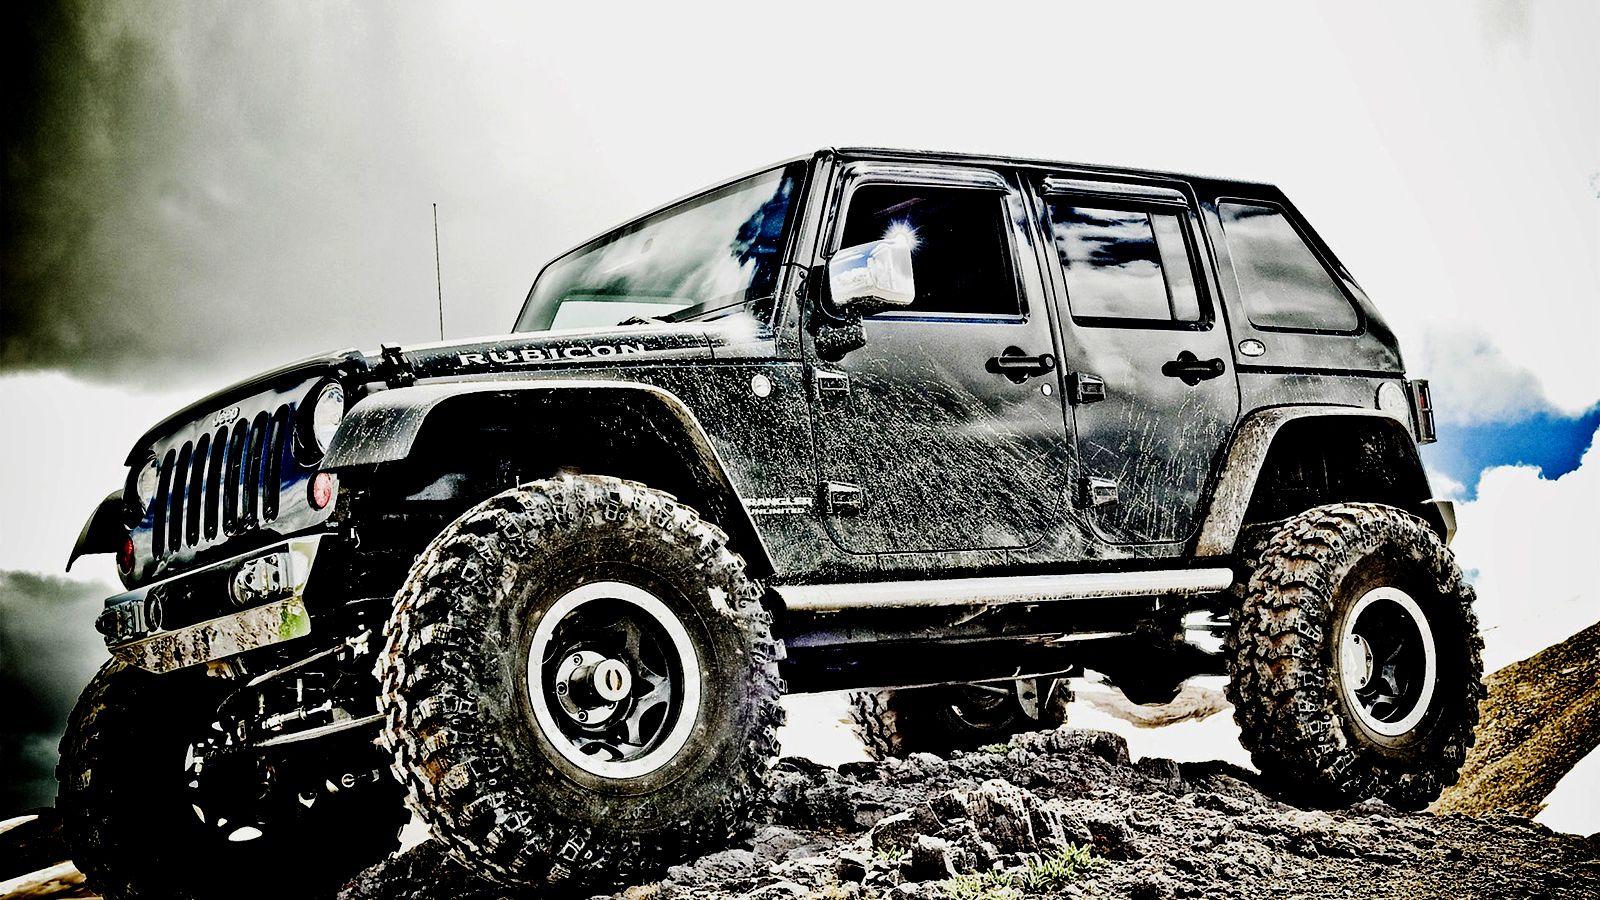 Off Road Jeep Wallpaper Jeep Wallpaper Jeep Mud Trucks